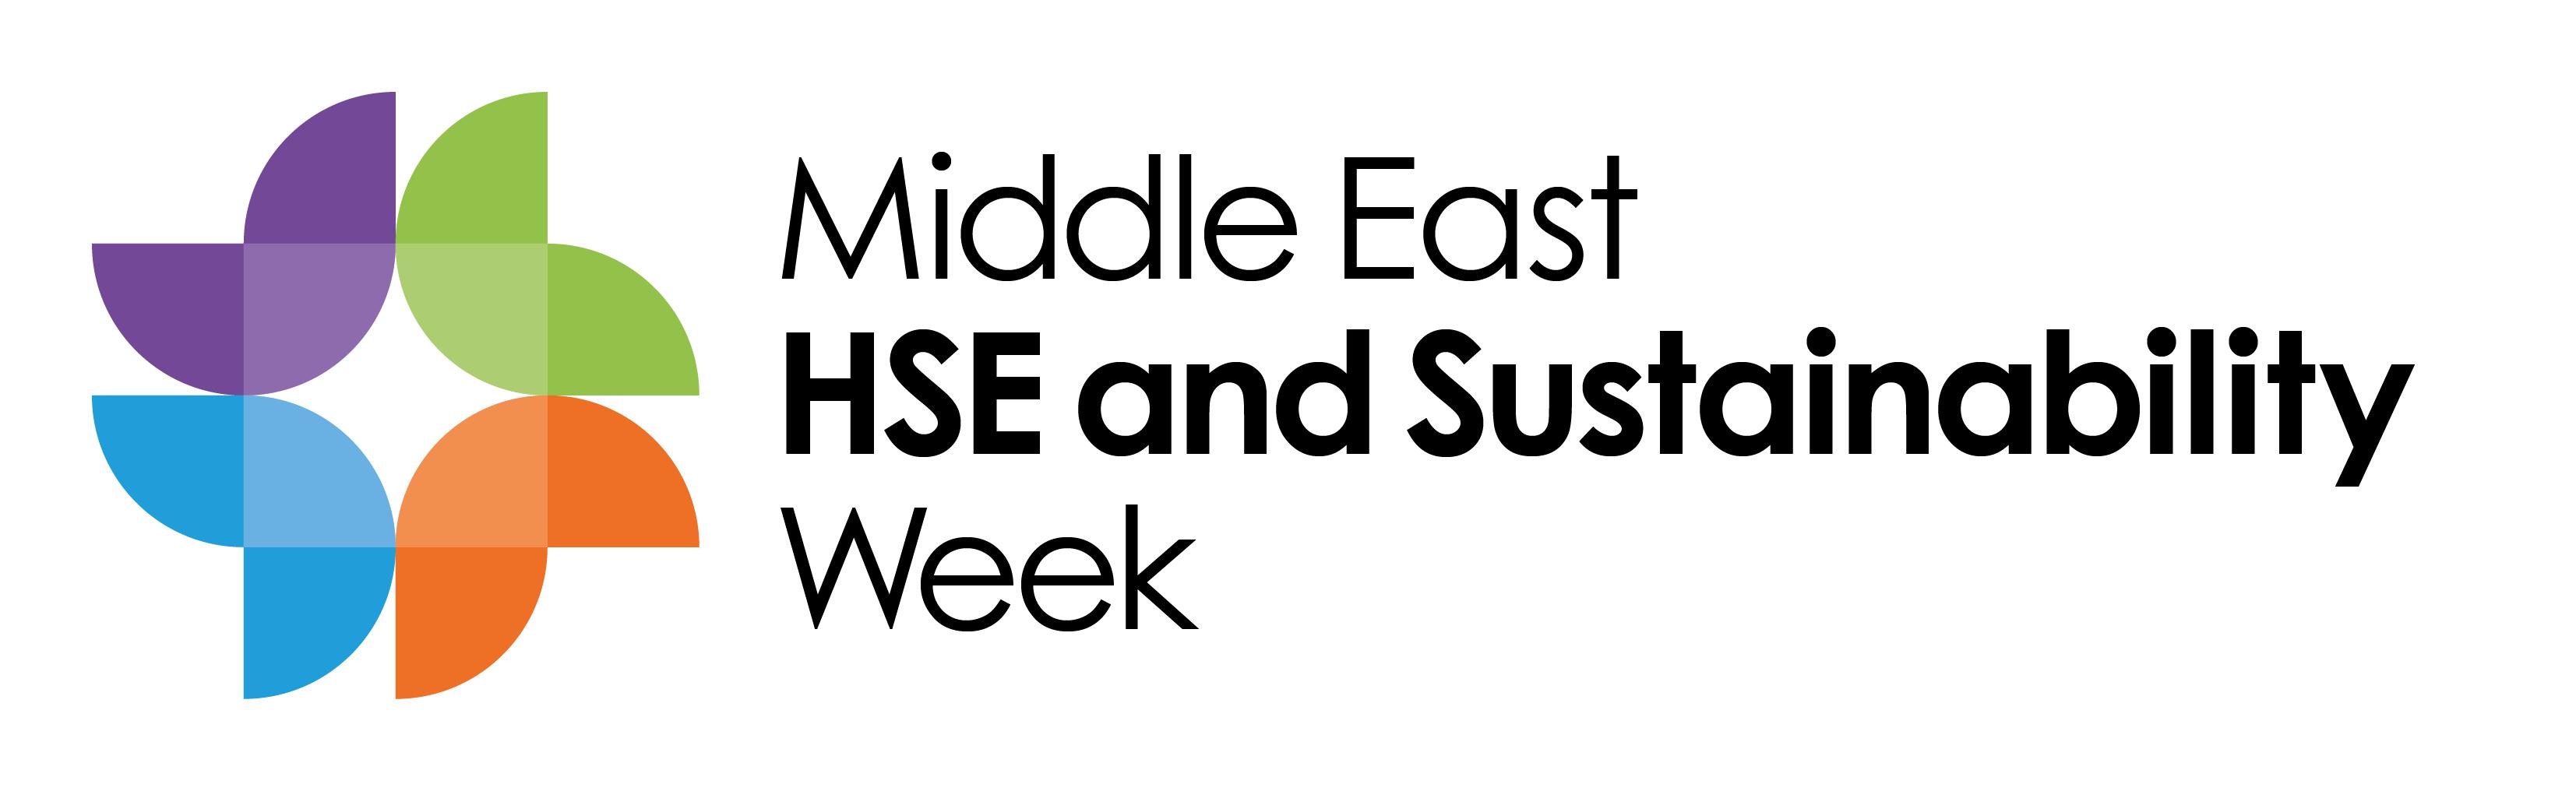 Middle East HSE Sust Week logo